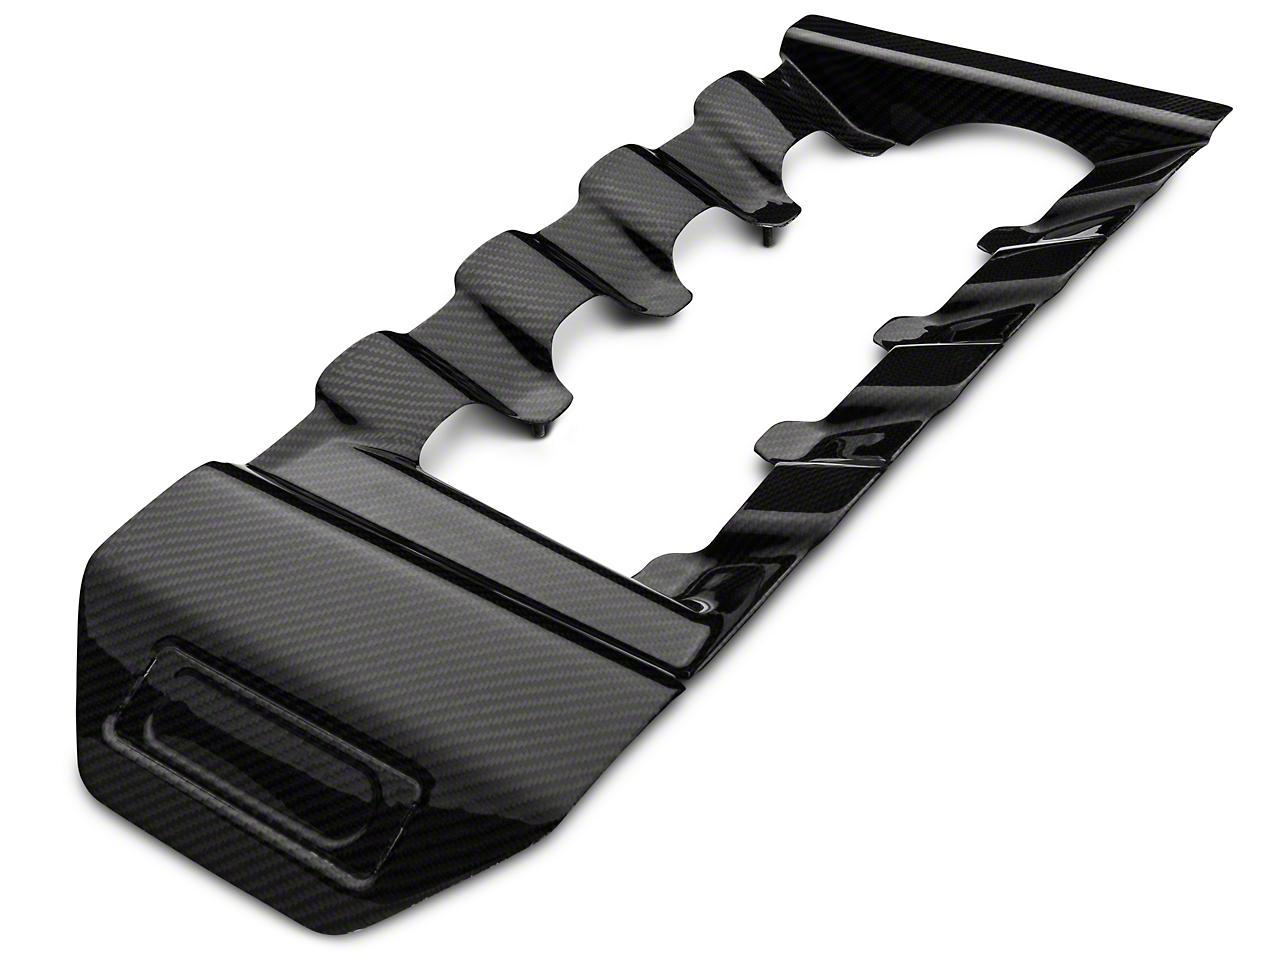 Trufiber Carbon Fiber Engine Cover Insert (15-17 GT)